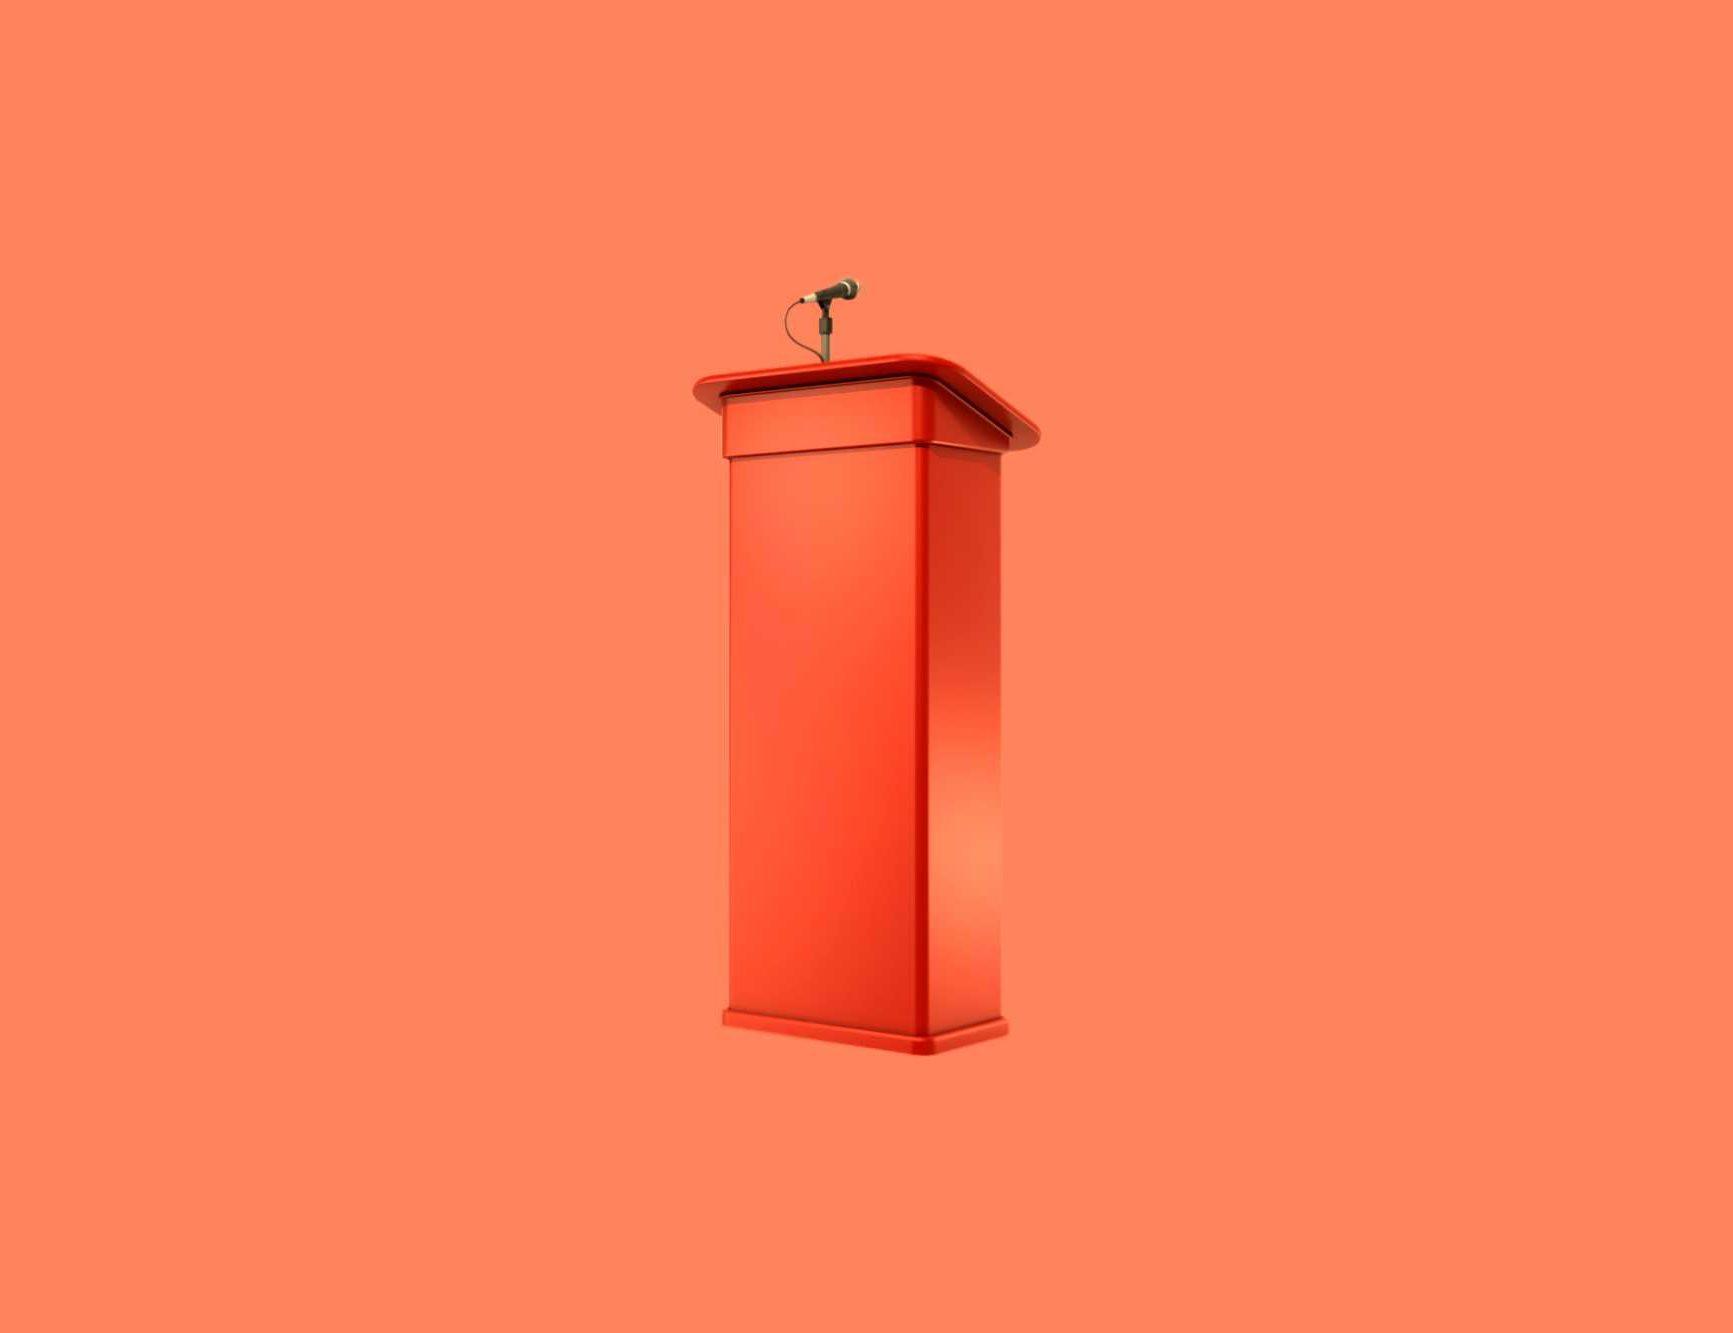 Será que vale a pena contratar uma agência de palestrantes? Descubra